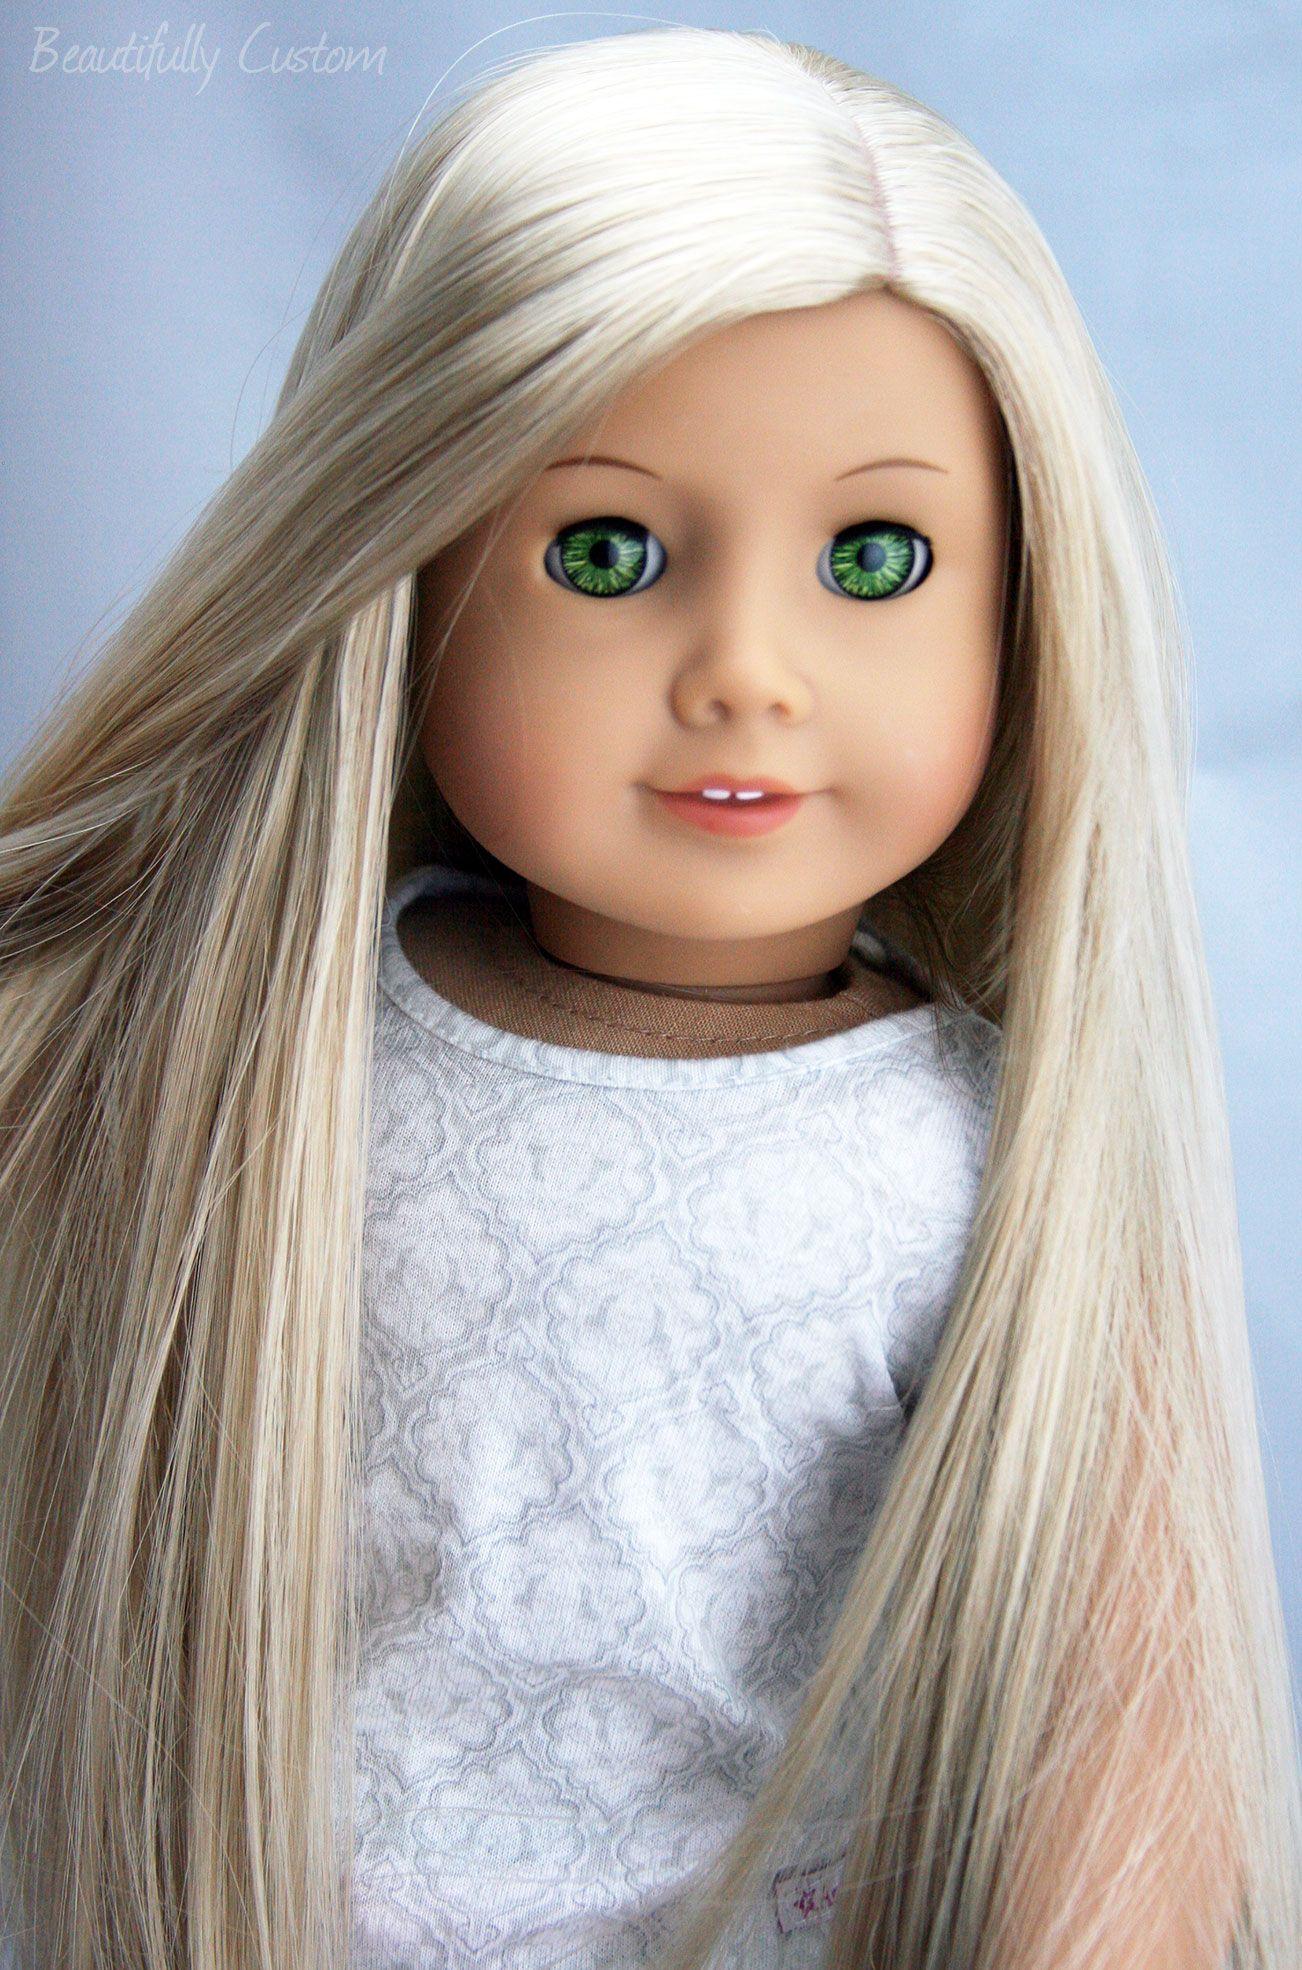 Blonde hair pale green eyes - Custom Ooak American Girl Doll Felicity Green Eyes Julie Long Blonde Hair